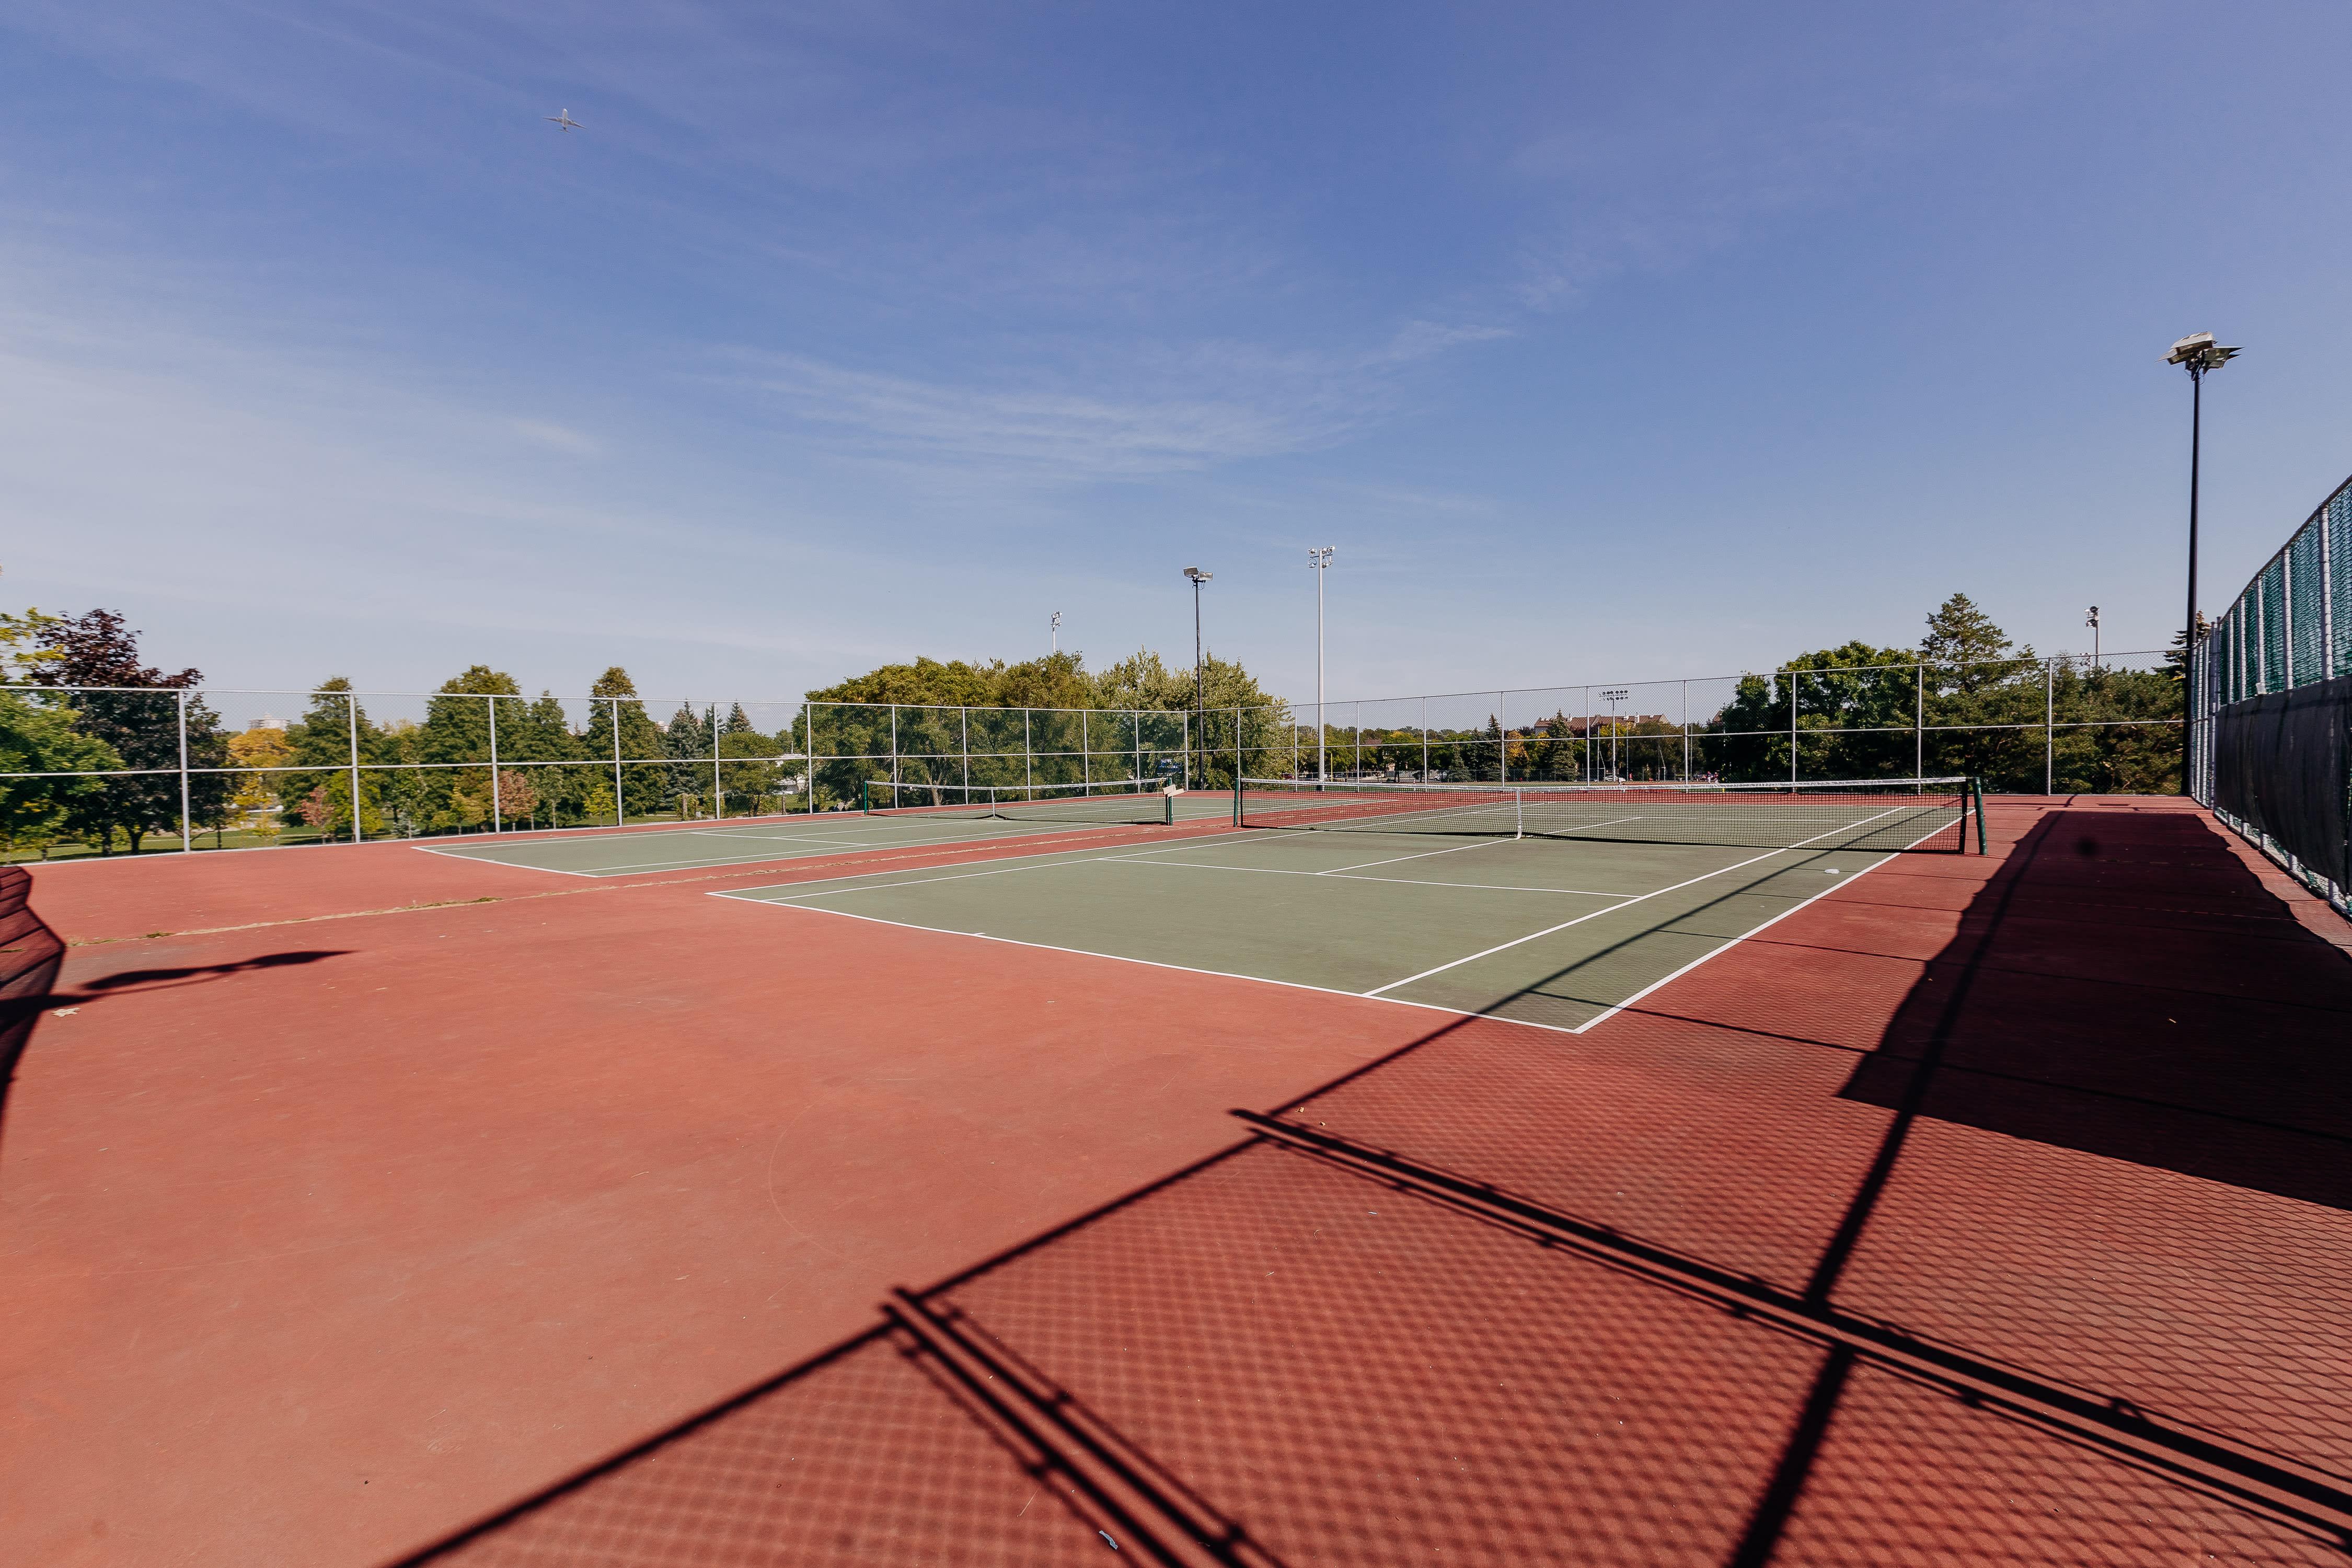 Terrains de tennis au parc Giuseppe-Garibaldi dans l'arrondissement de Saint-Léonard